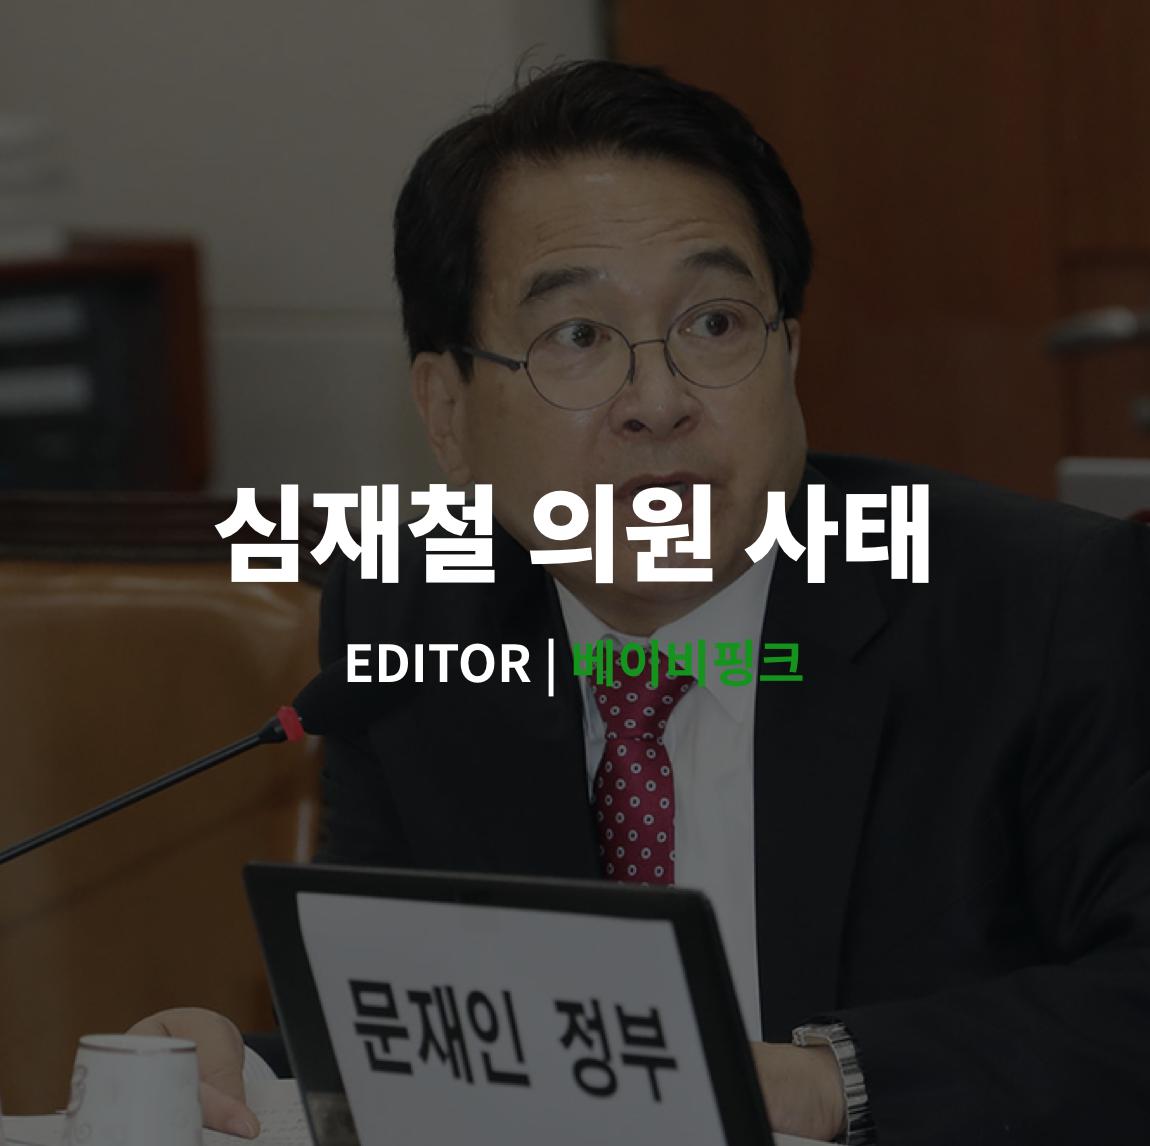 [베핑] 심재철 의원 사태 - 2018. 10. 5. by 베이...